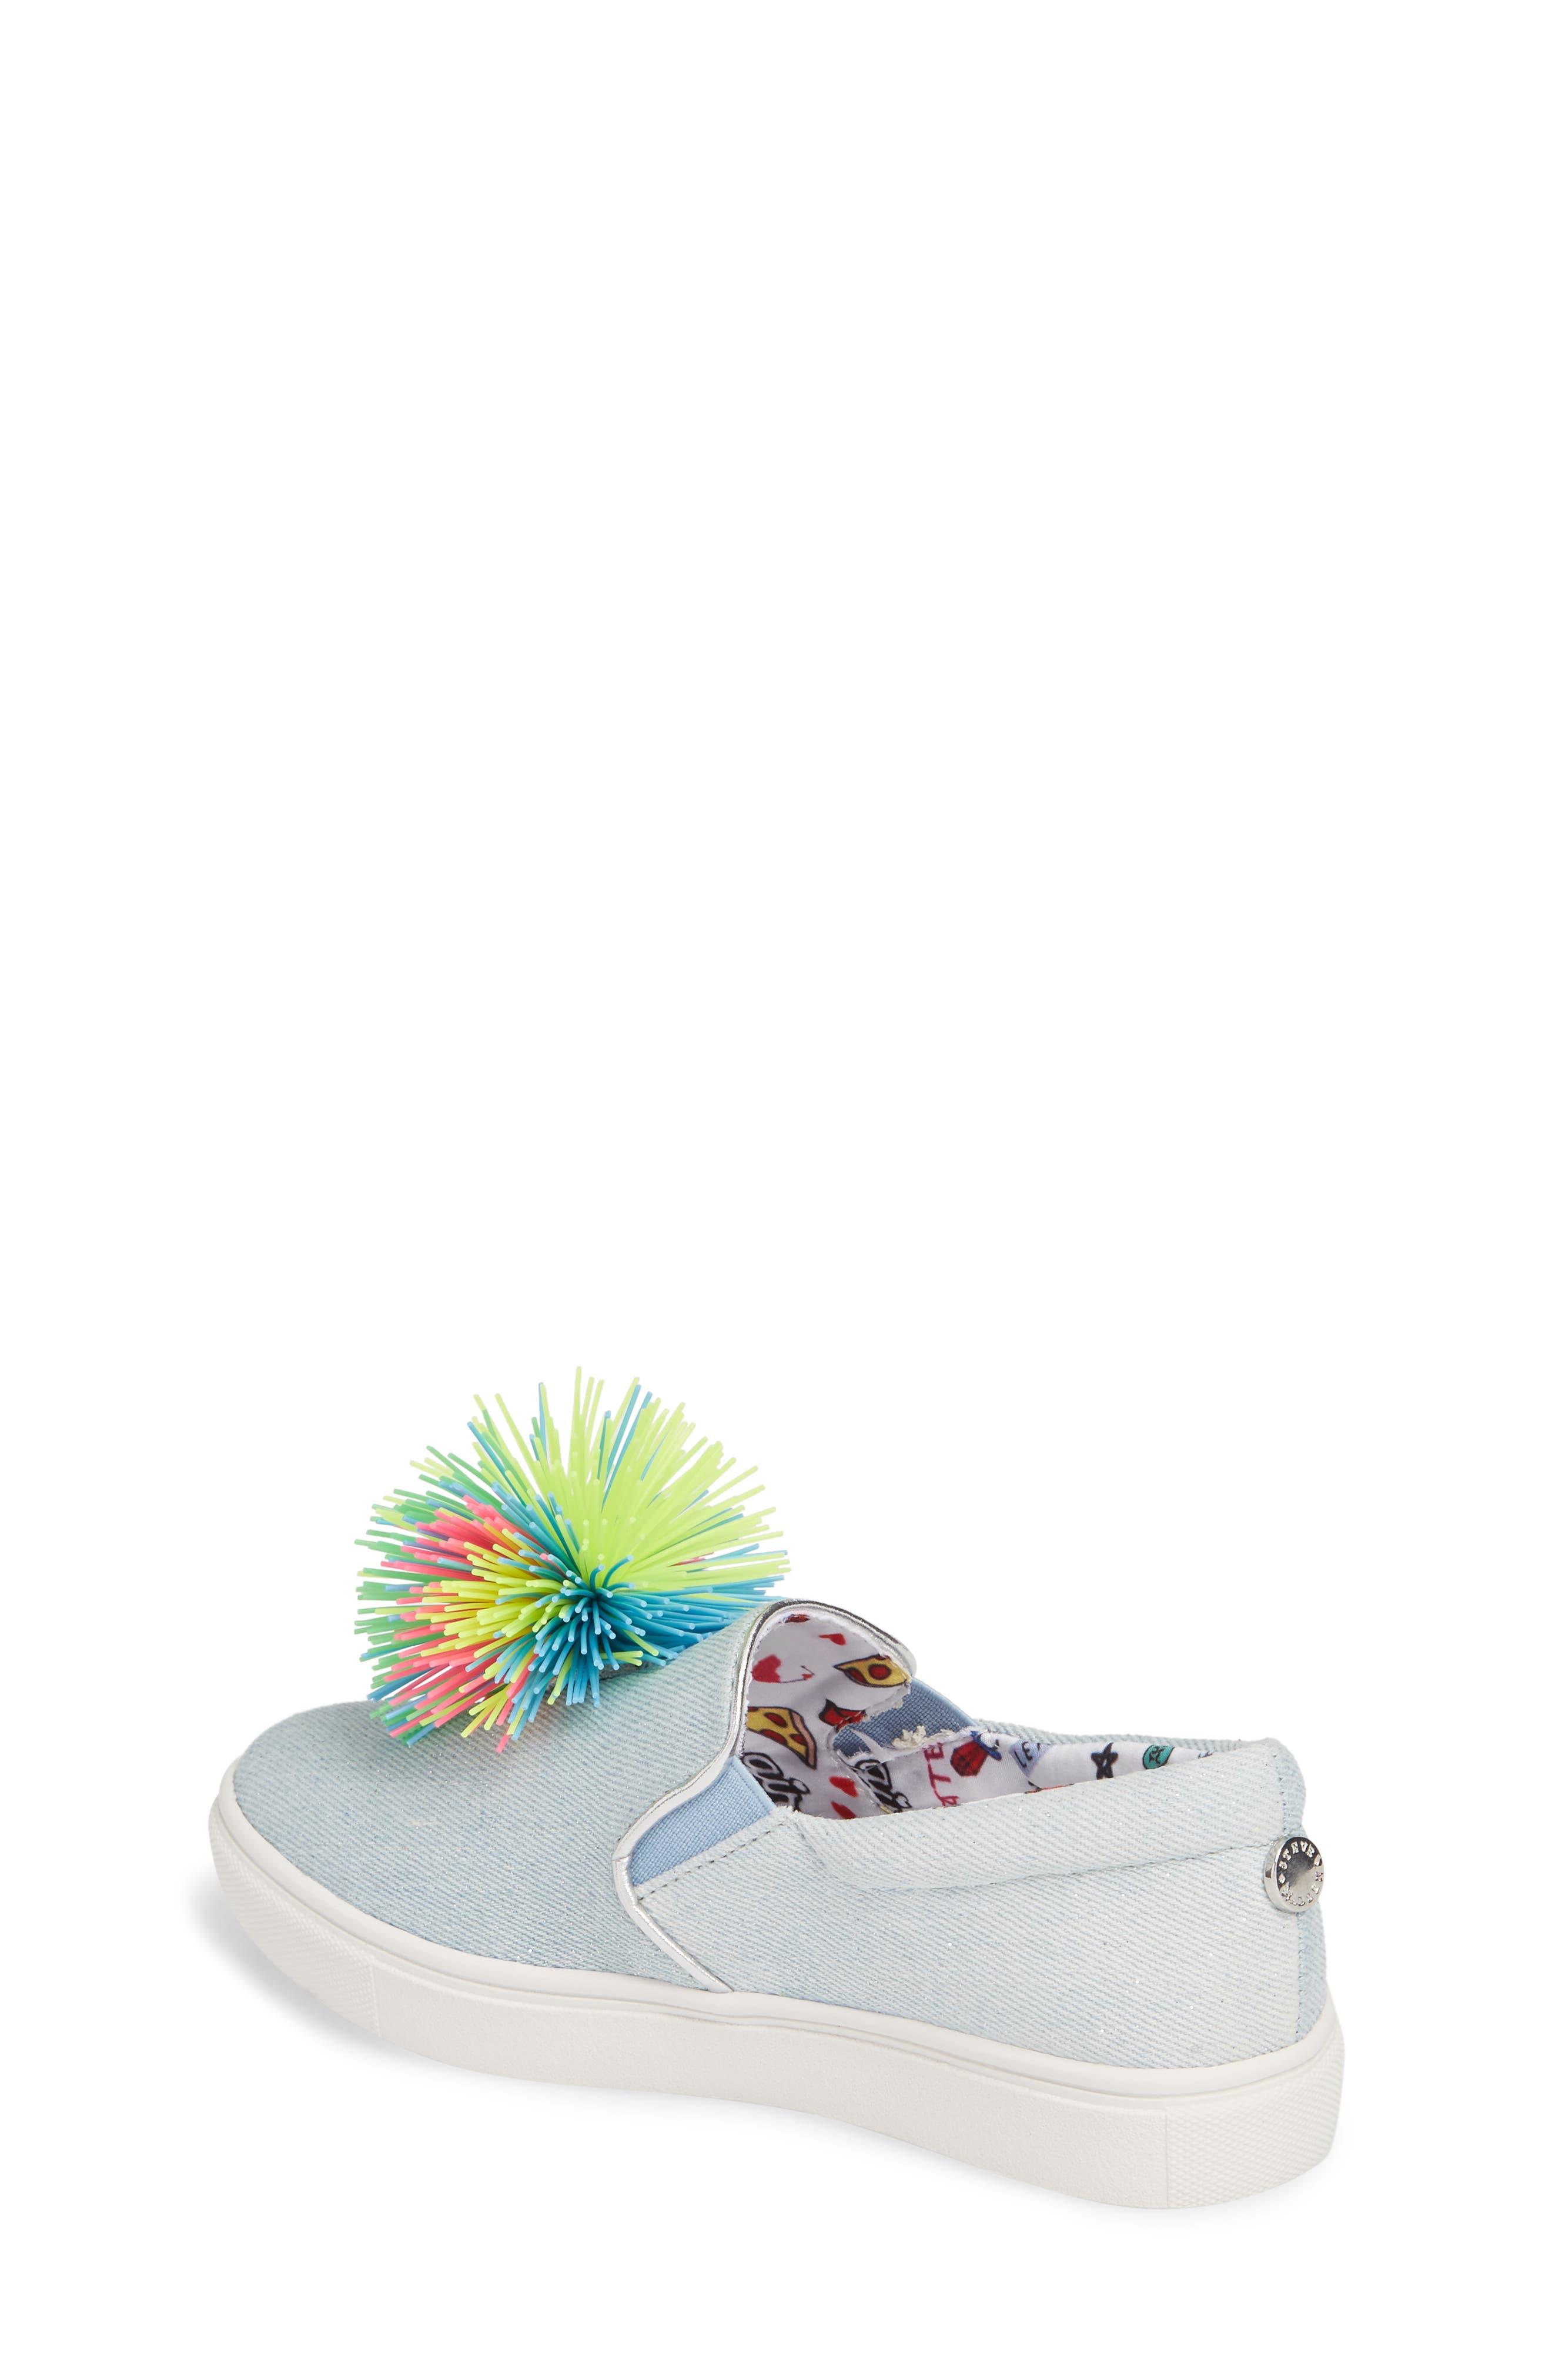 Pompom Slip-On Sneaker,                             Alternate thumbnail 2, color,                             401